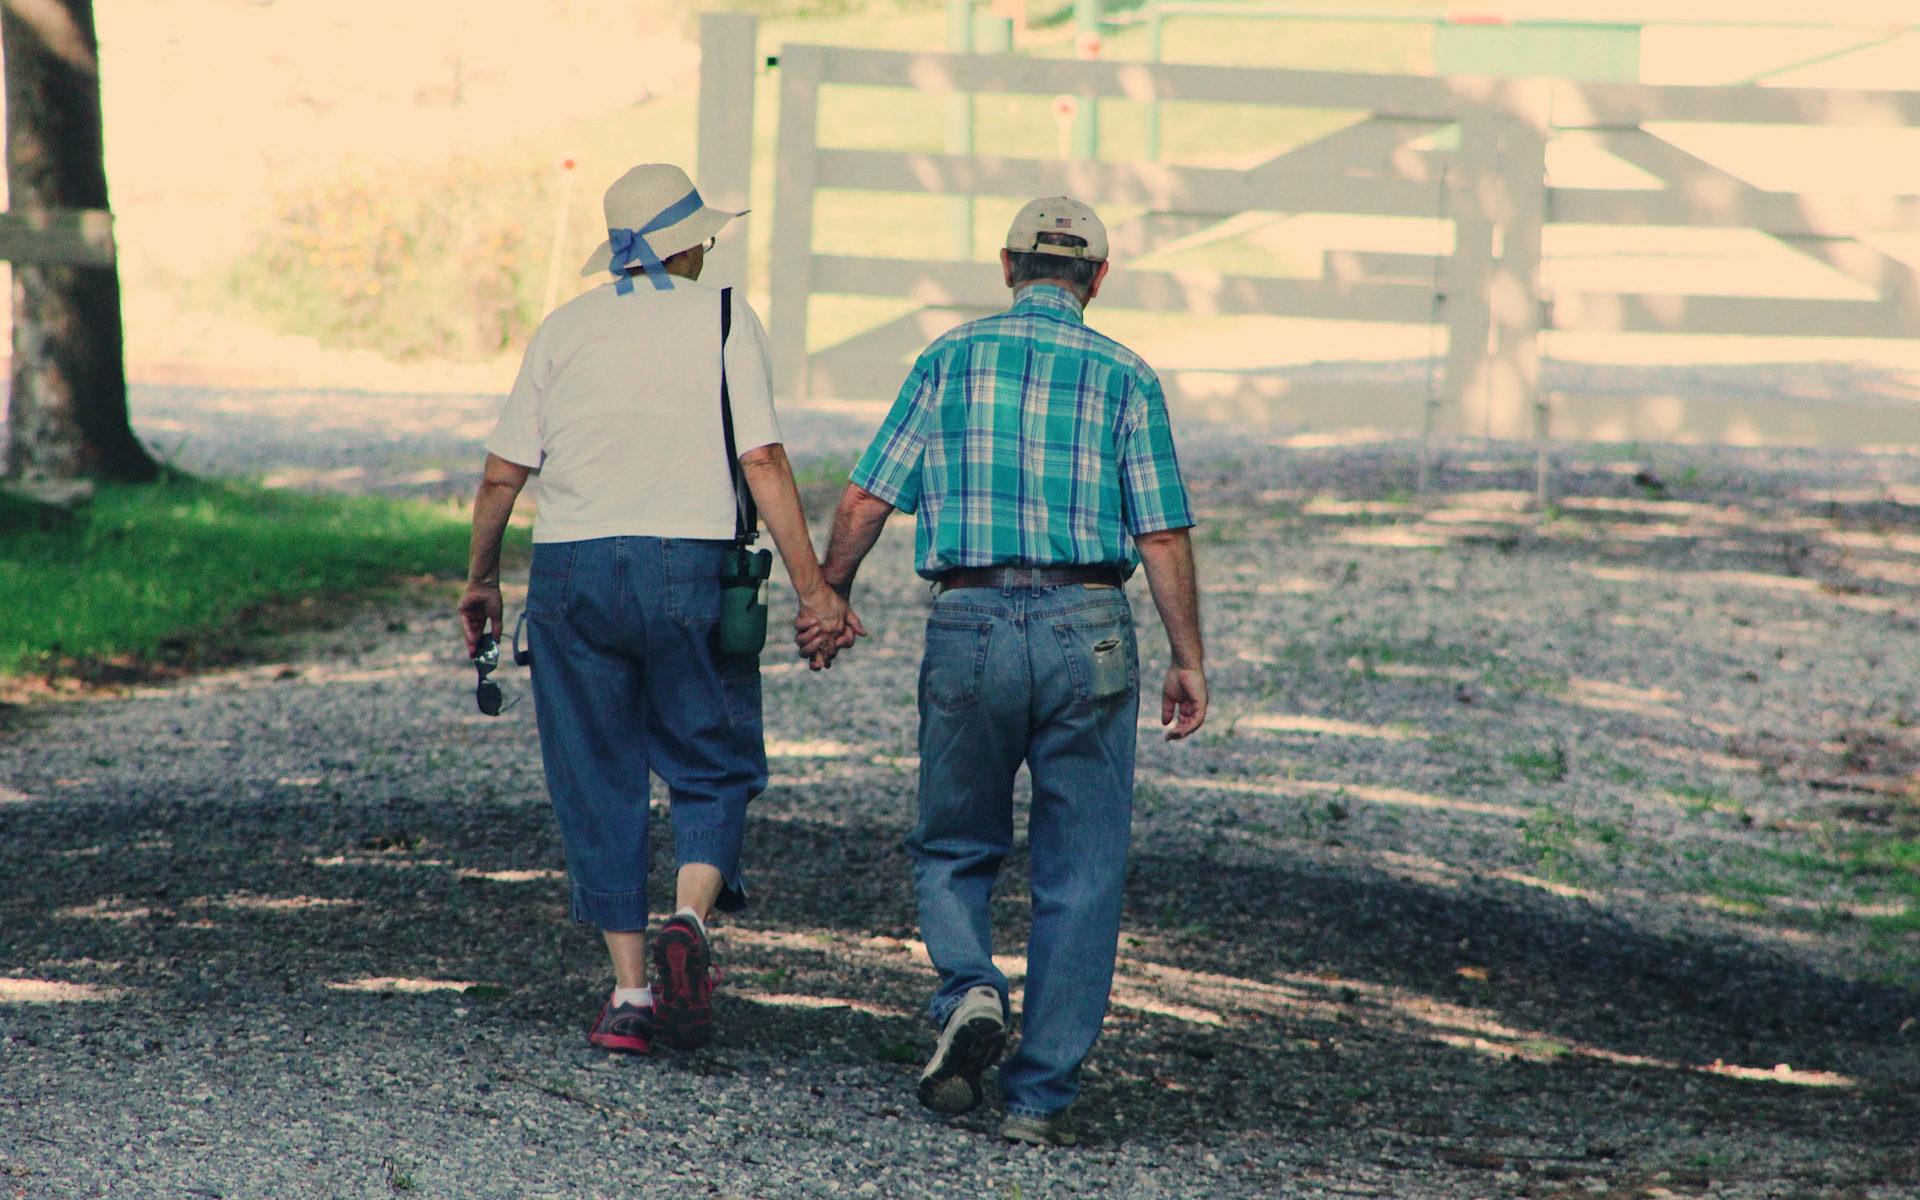 L'amore senile